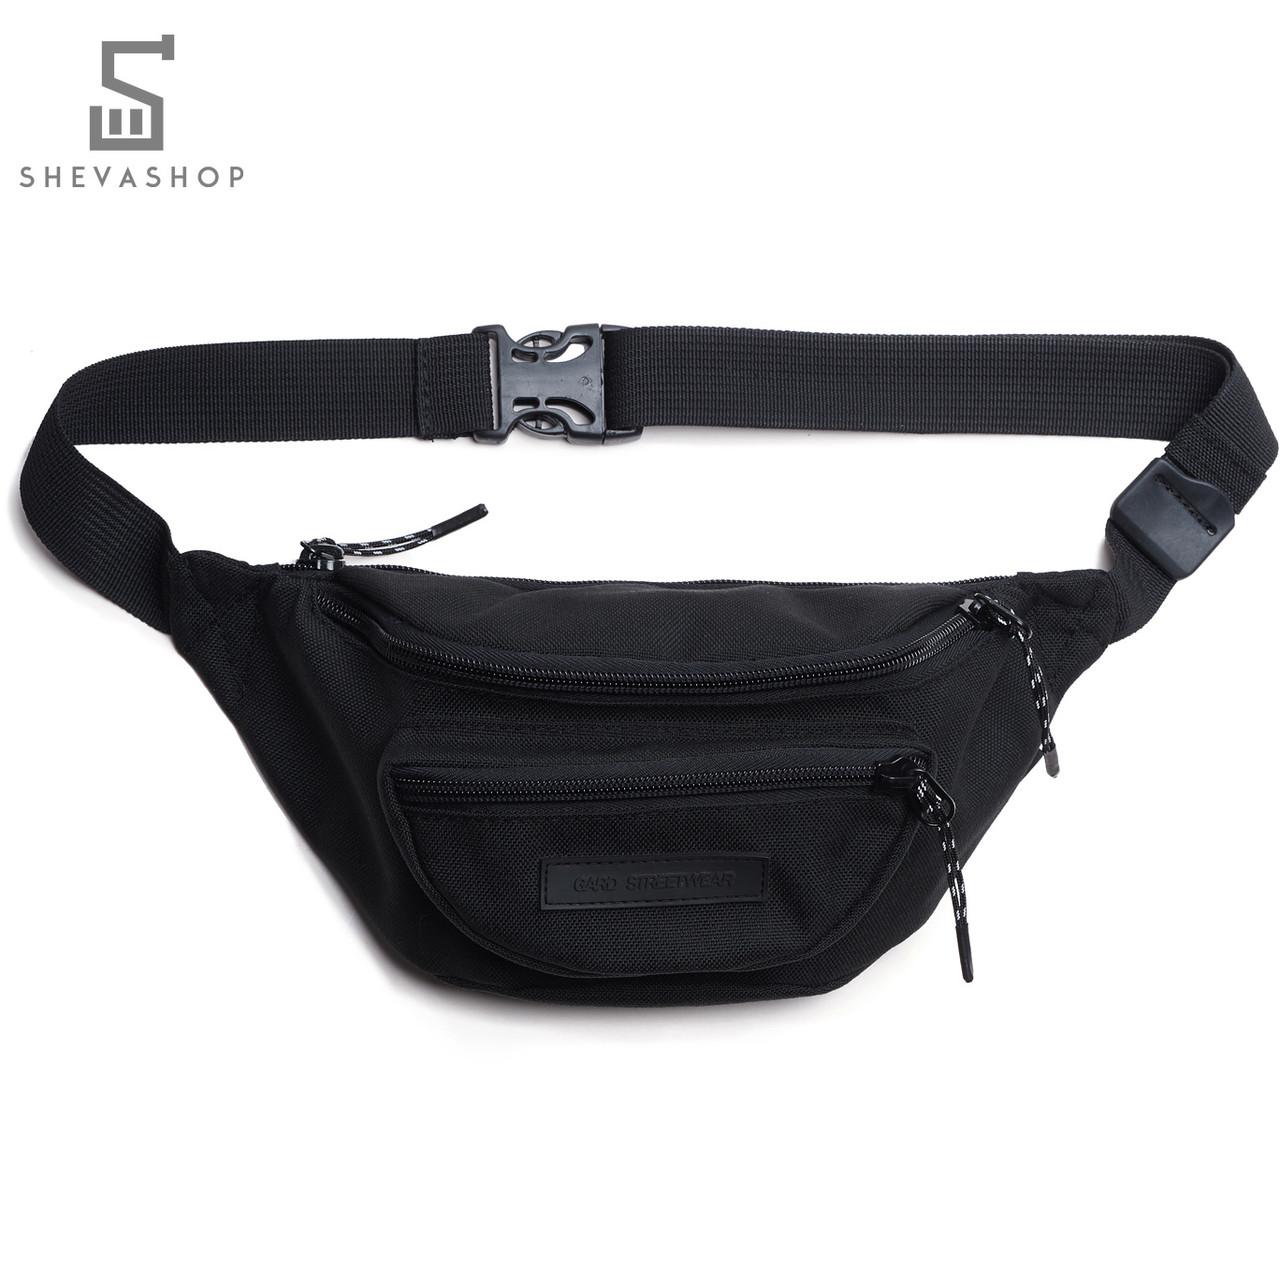 5a0489cef007 Поясная сумка GARD WAIST BAG 2/17 чёрная - купить по лучшей цене в ...